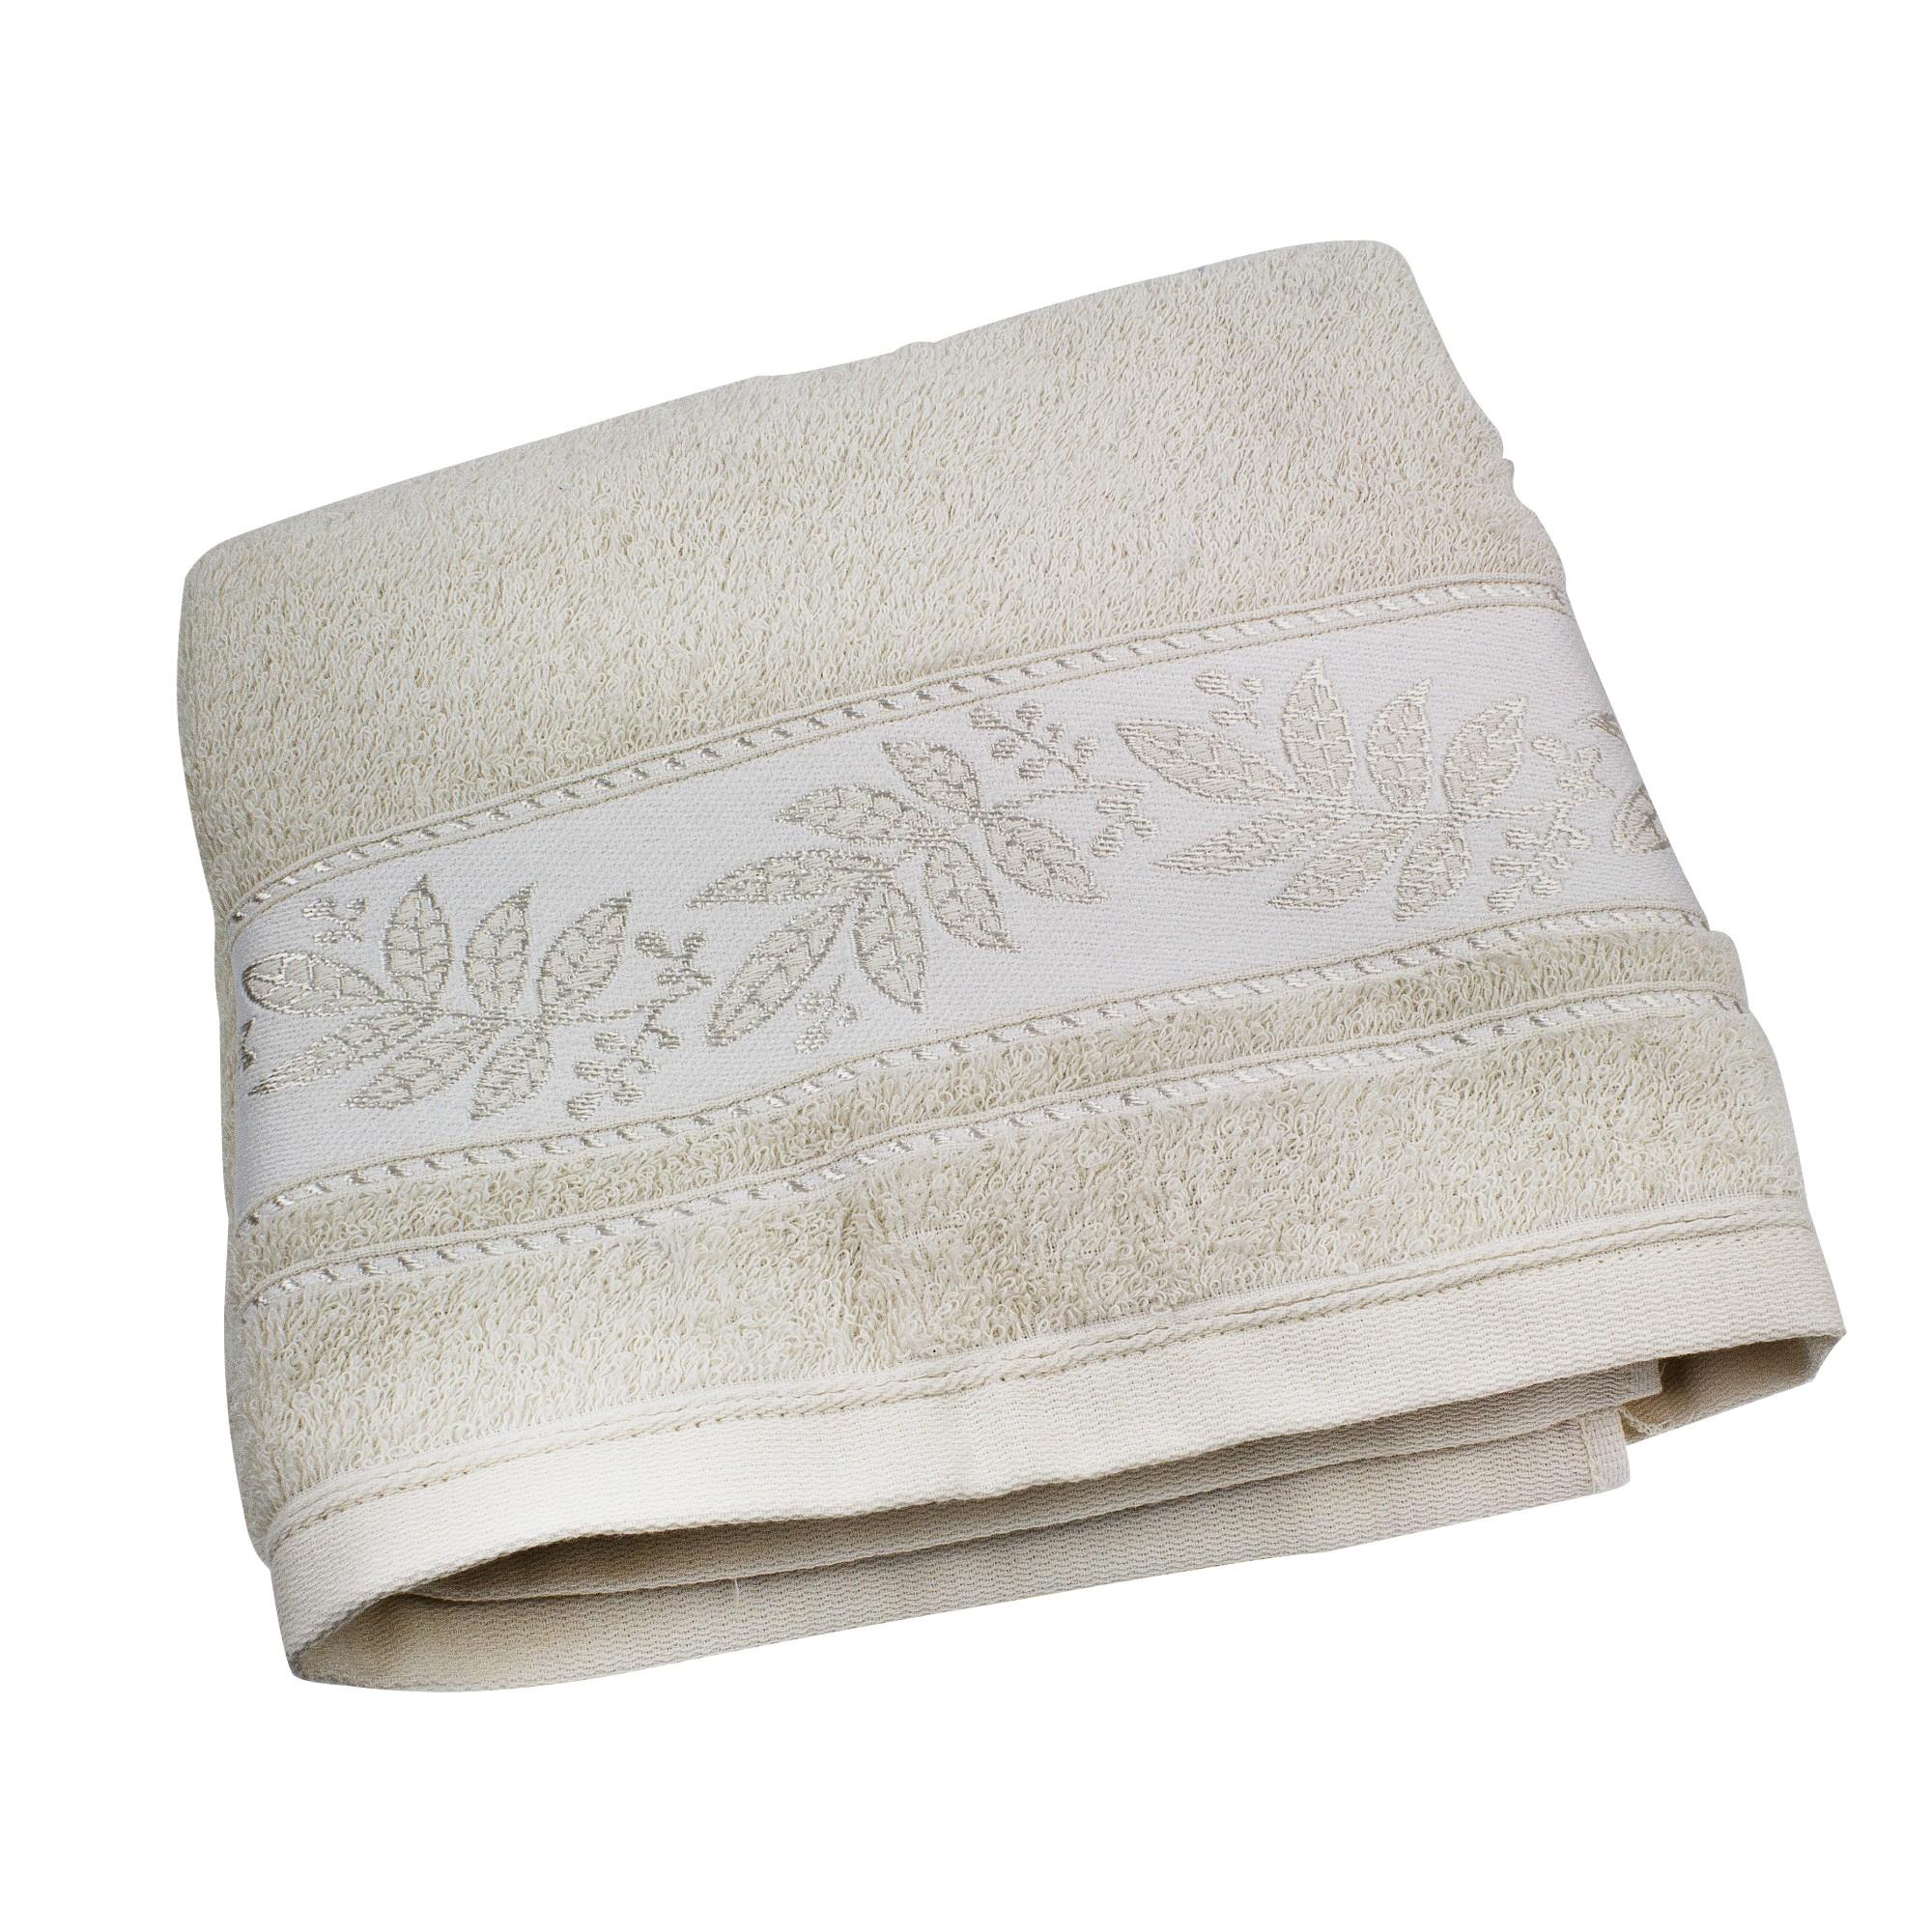 Toalha de Banho Prata 100 Algodao 70 x 135 cm Bege - Santista